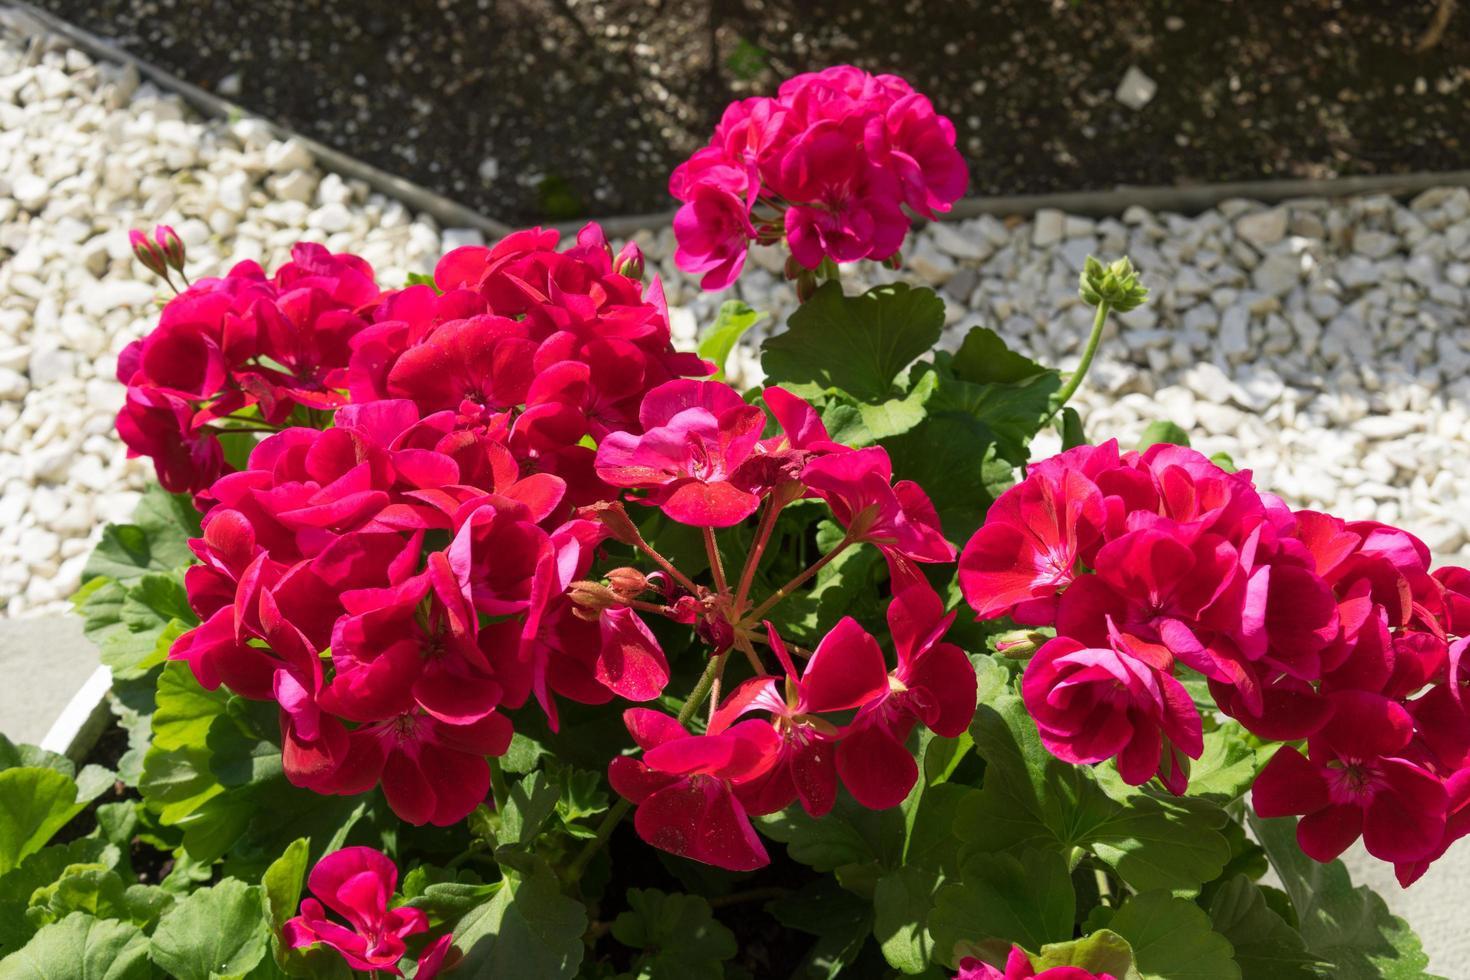 fleurs de géranium rose vif avec des feuilles vertes. photo